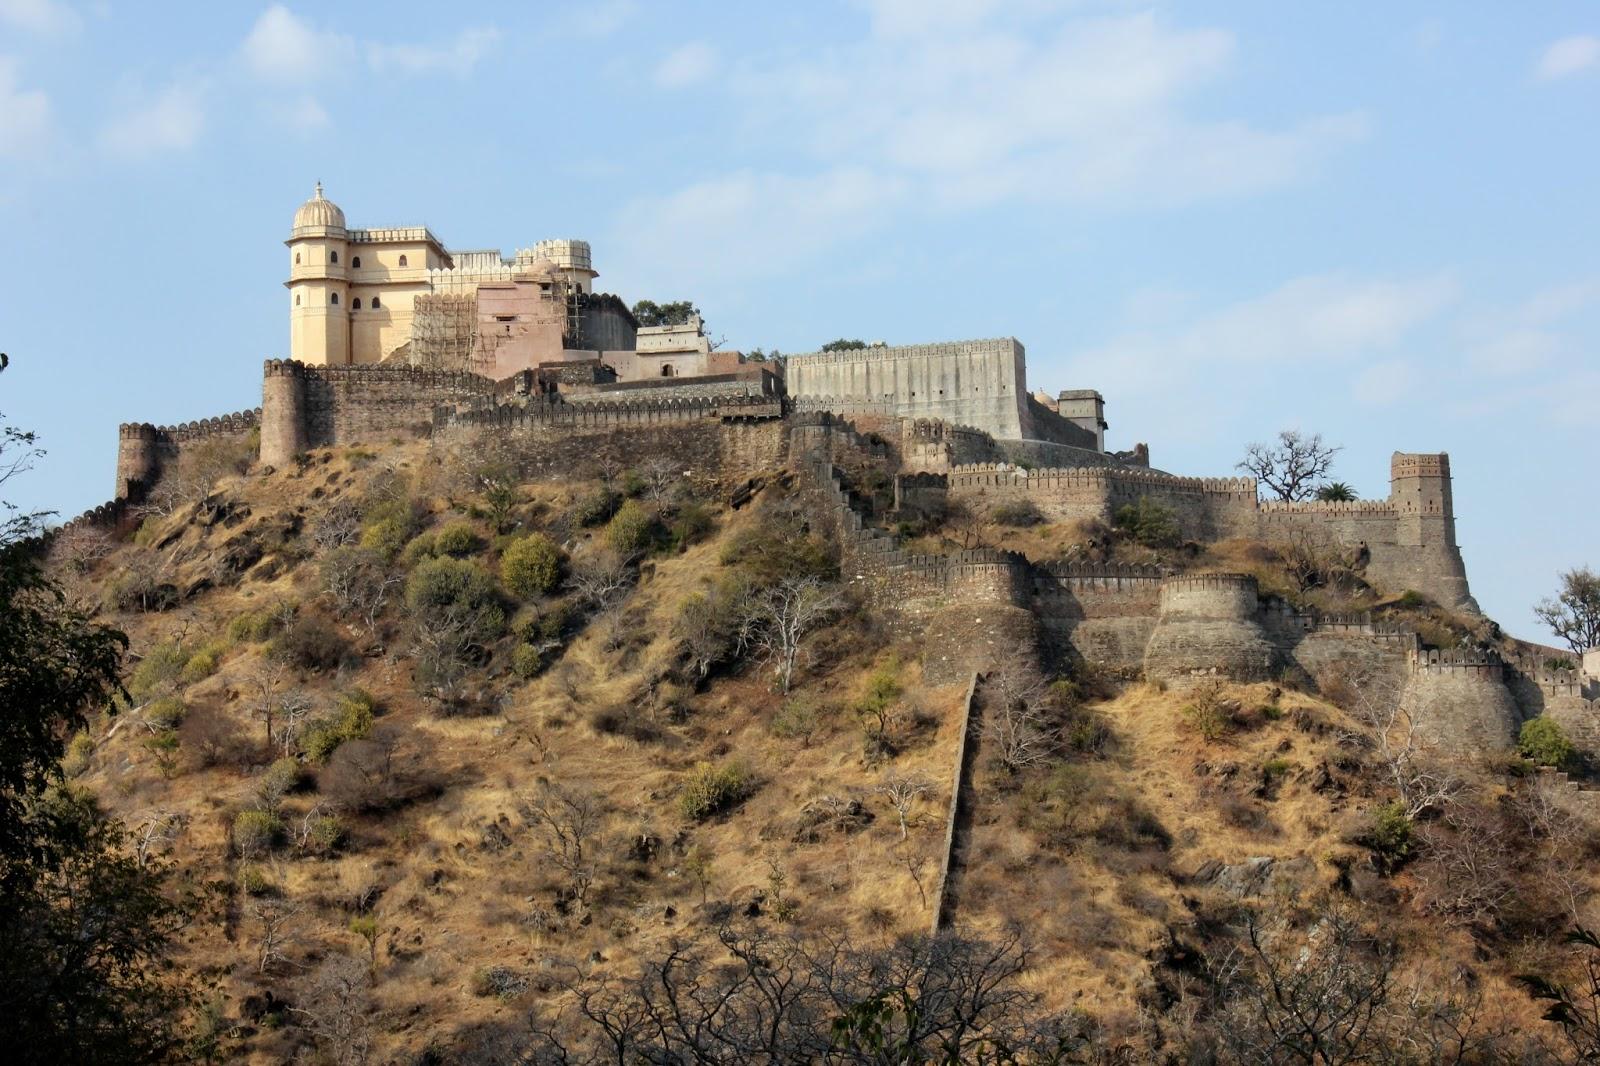 Kumbhalgarh India  city photo : TraveLore: Great wall of India – Kumbhalgarh Fort